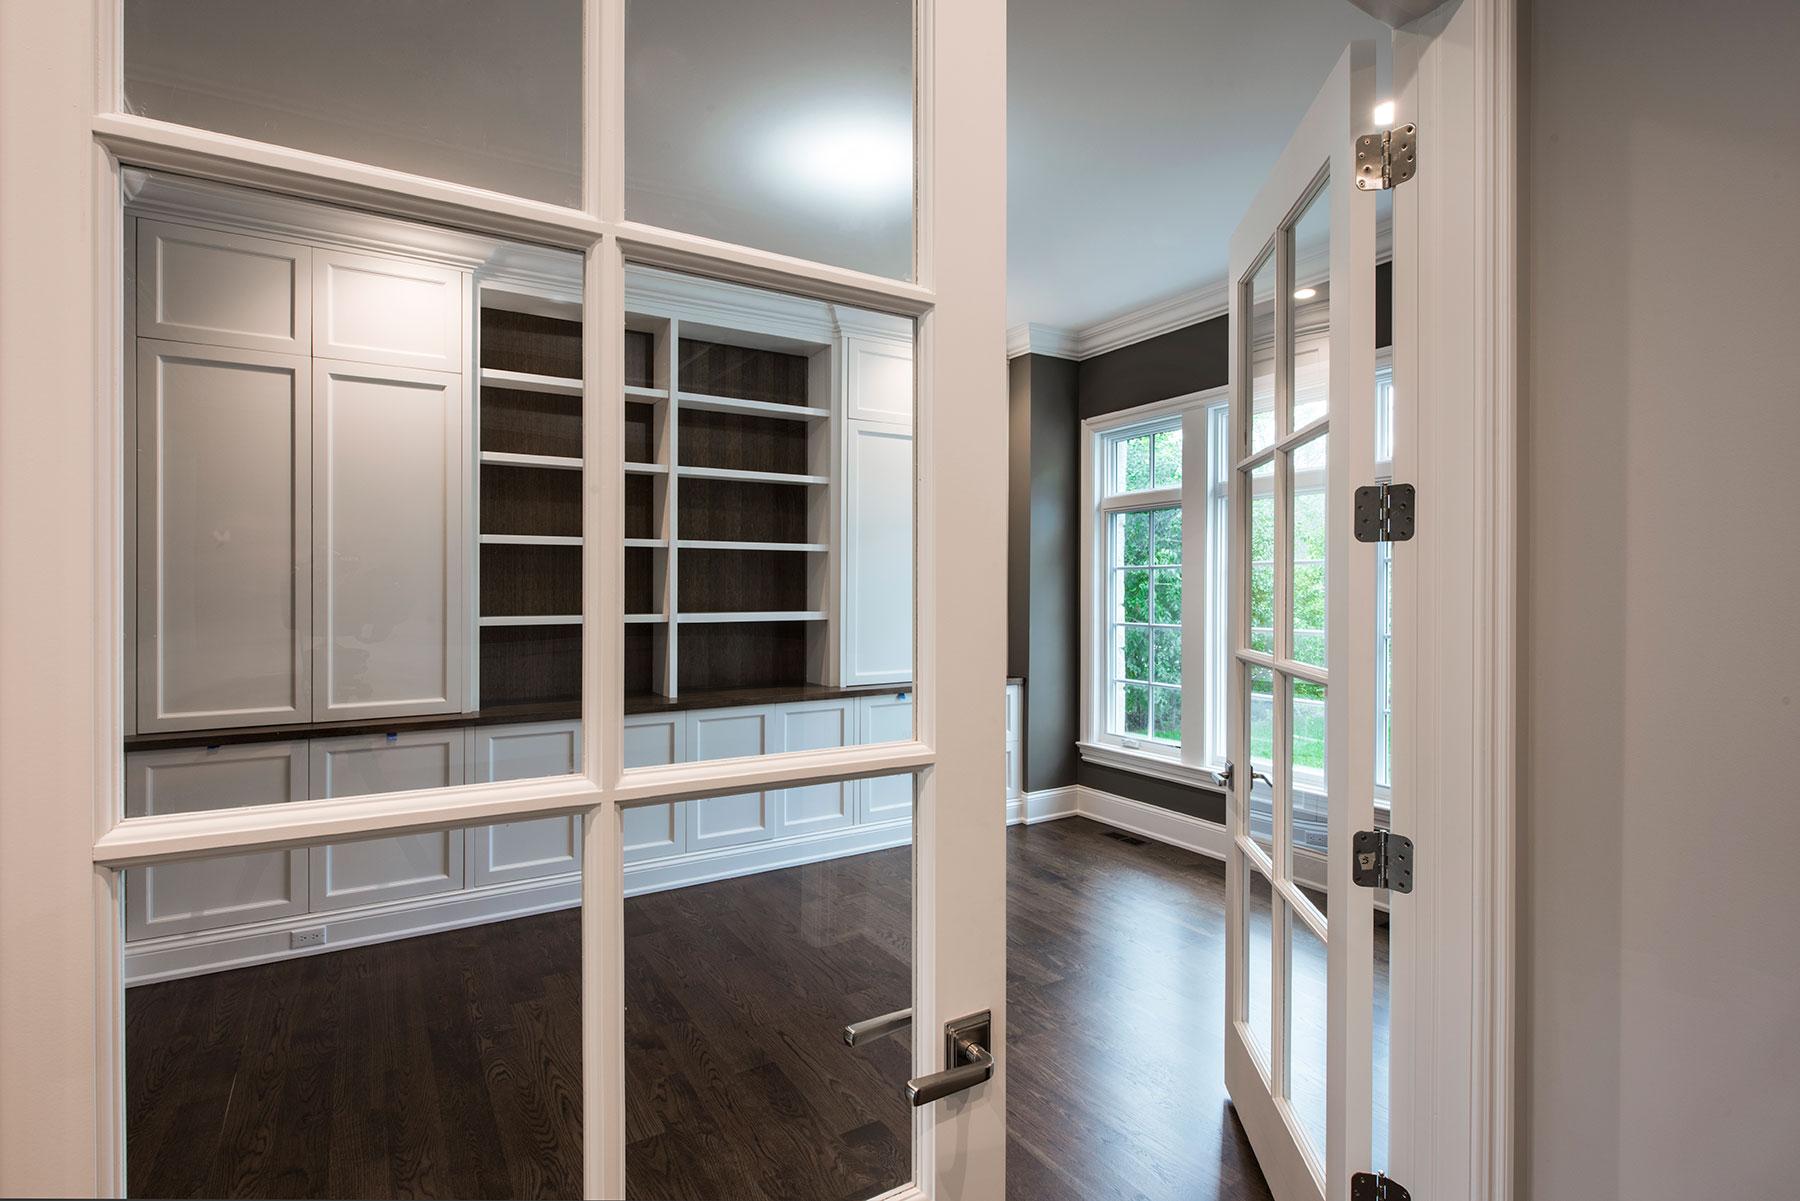 Custom Wood Interior Doors | Custom Paint-Grade Interior Double Doors with Clear Glass.  - Glenview Doors - Custom Doors in Chicago